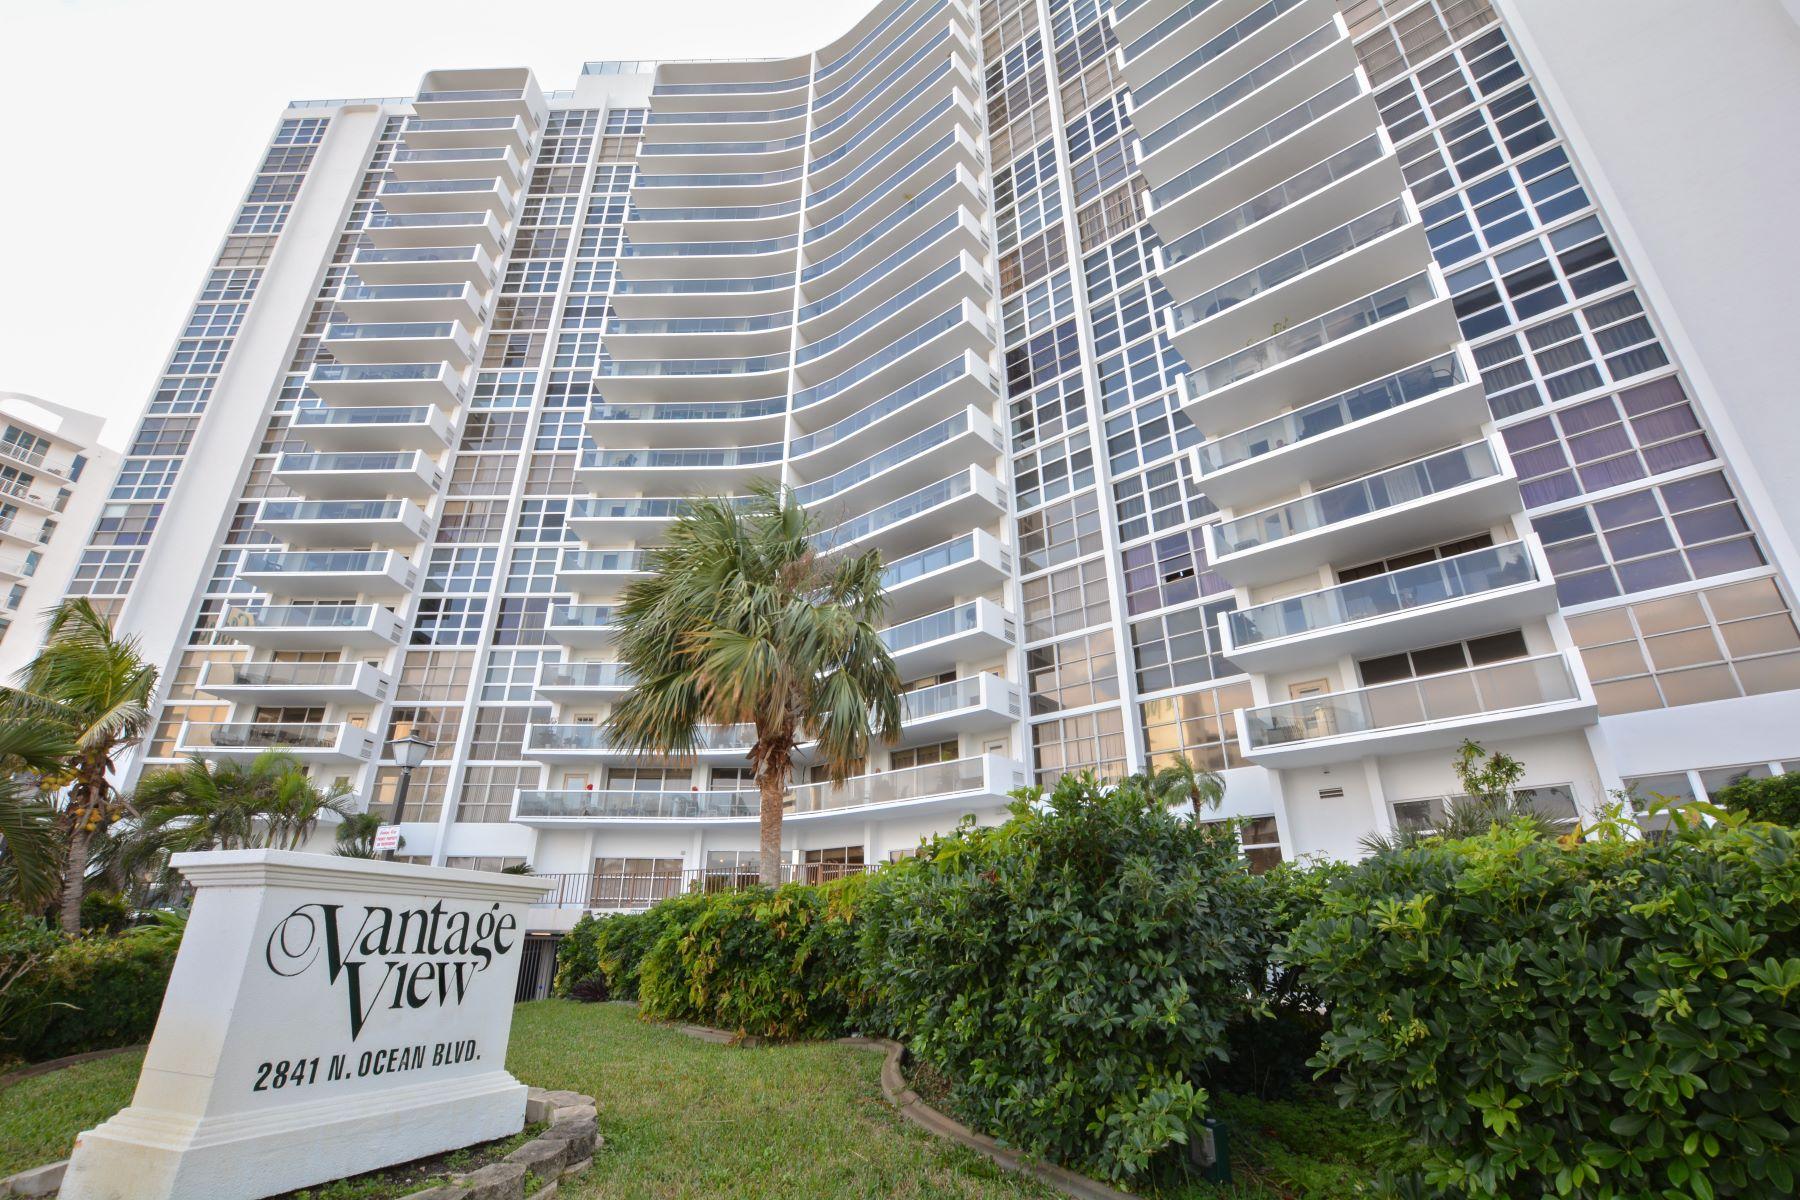 独户住宅 为 销售 在 2841 N Ocean Blvd 2841 N Ocean Blvd 1903, 劳德代尔堡, 佛罗里达州, 33308 美国